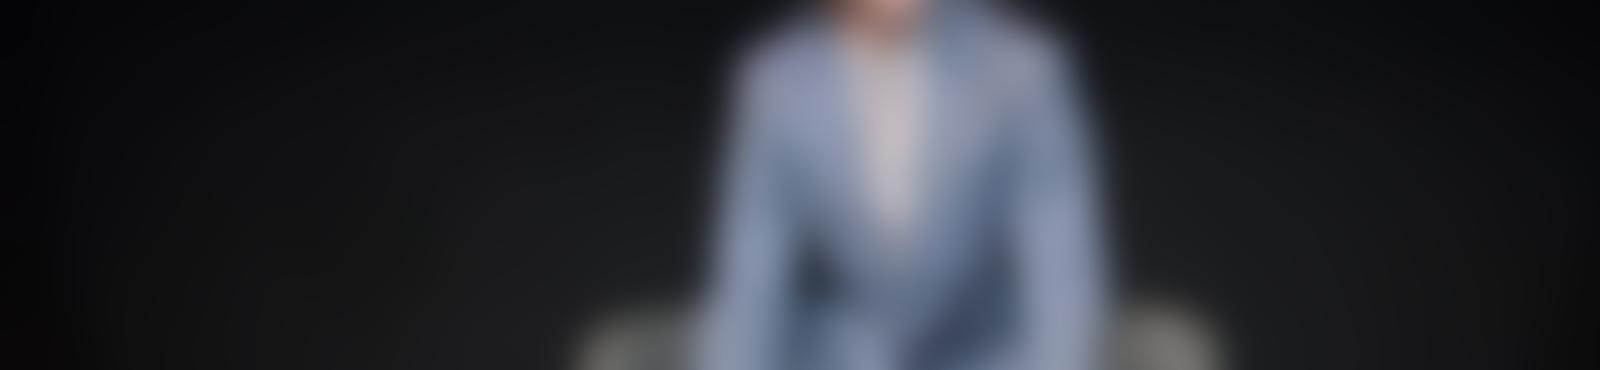 Blurred c9a18658 3ef0 44d3 a6d8 7dd00b70ca37